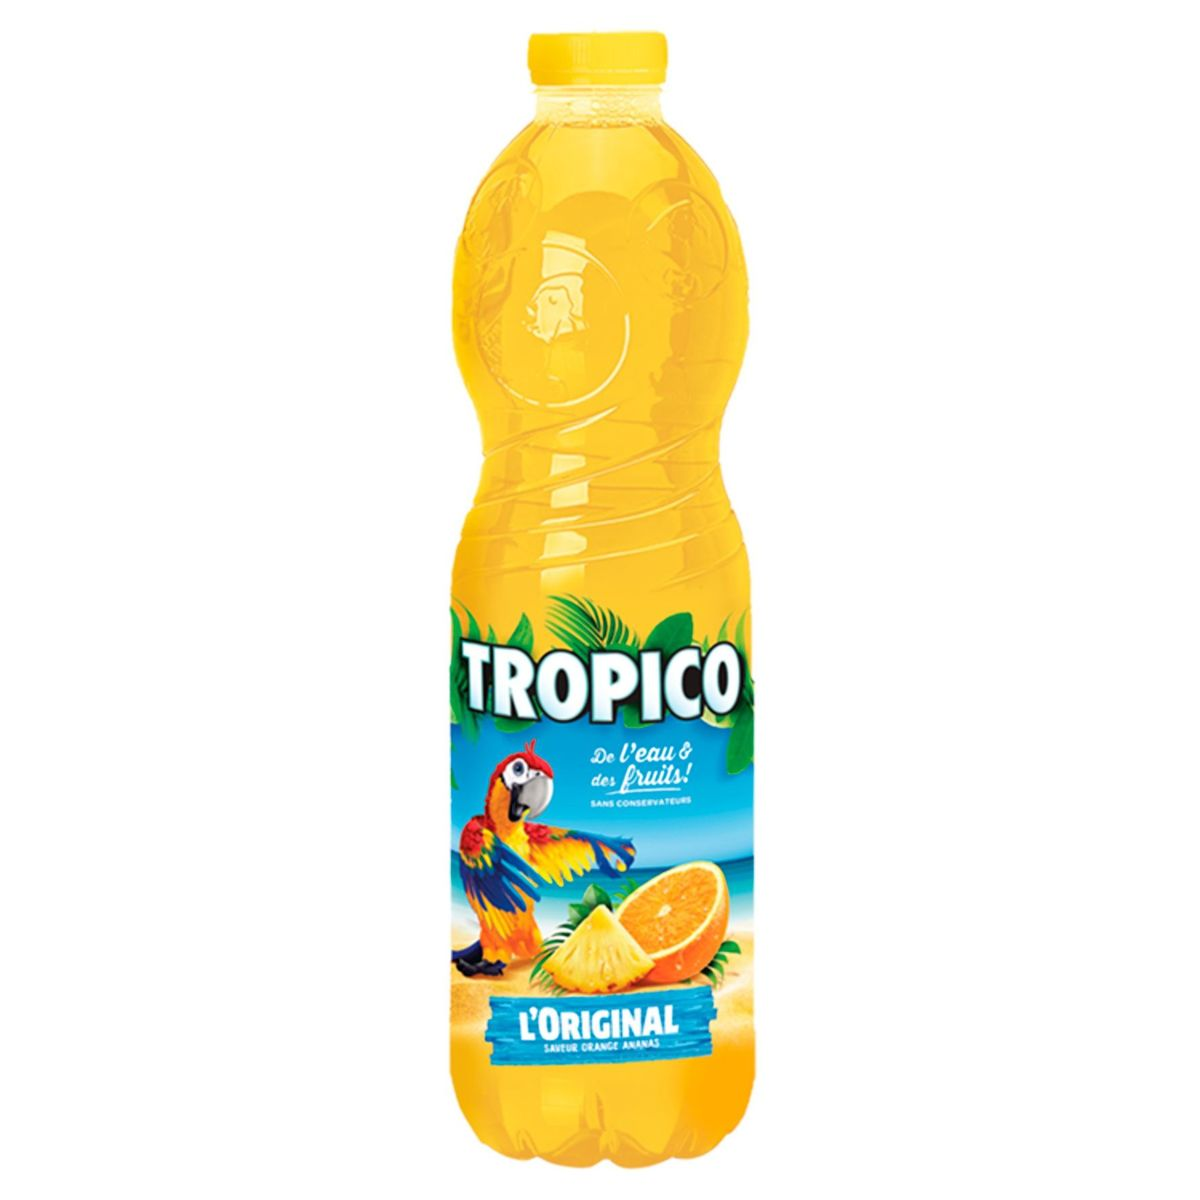 Tropico l'Original 1.5 L